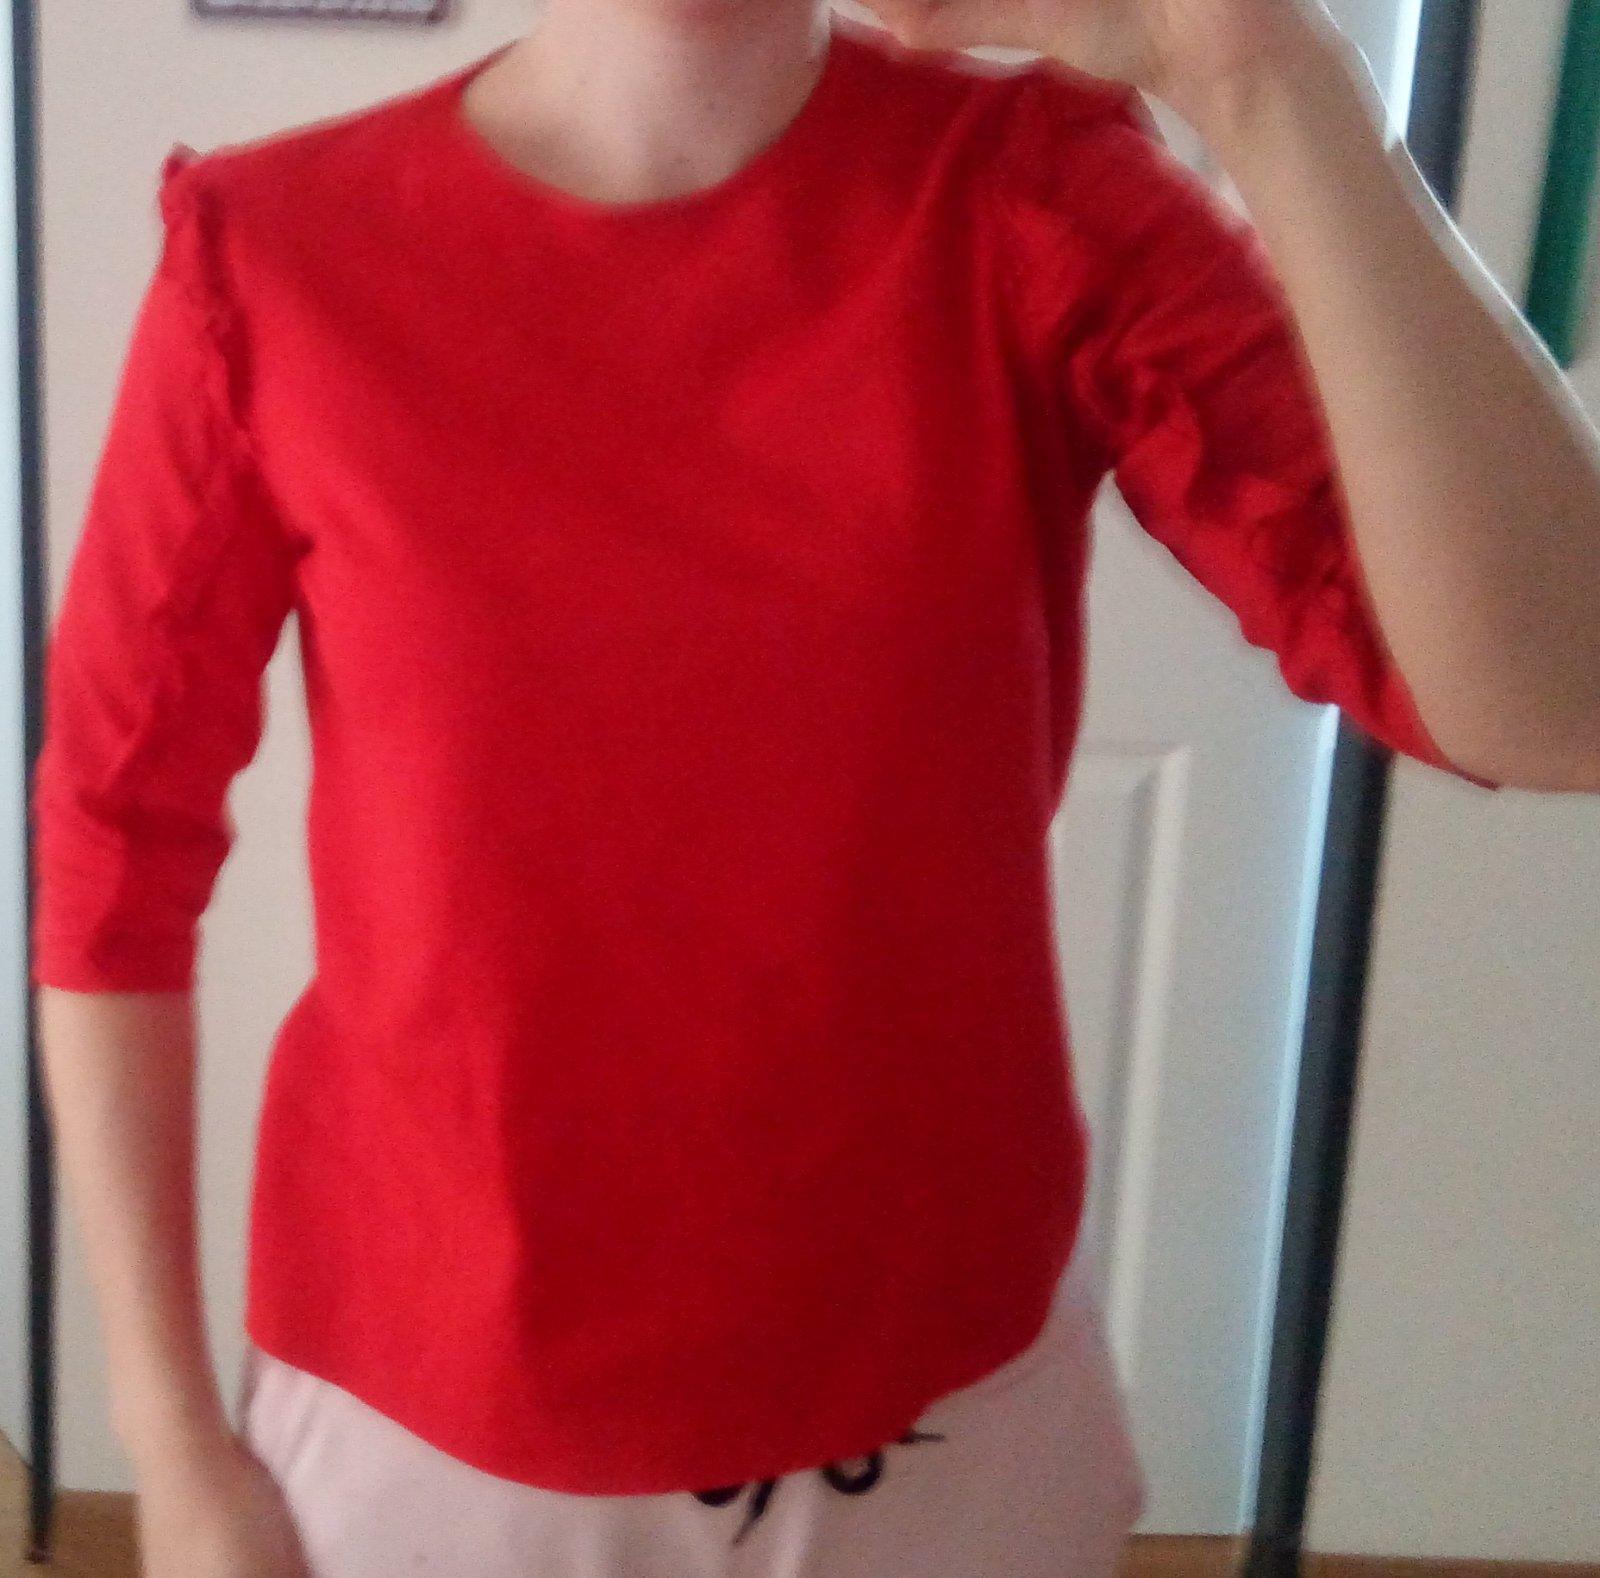 Červené tričko Zara S - Obrázok č. 1